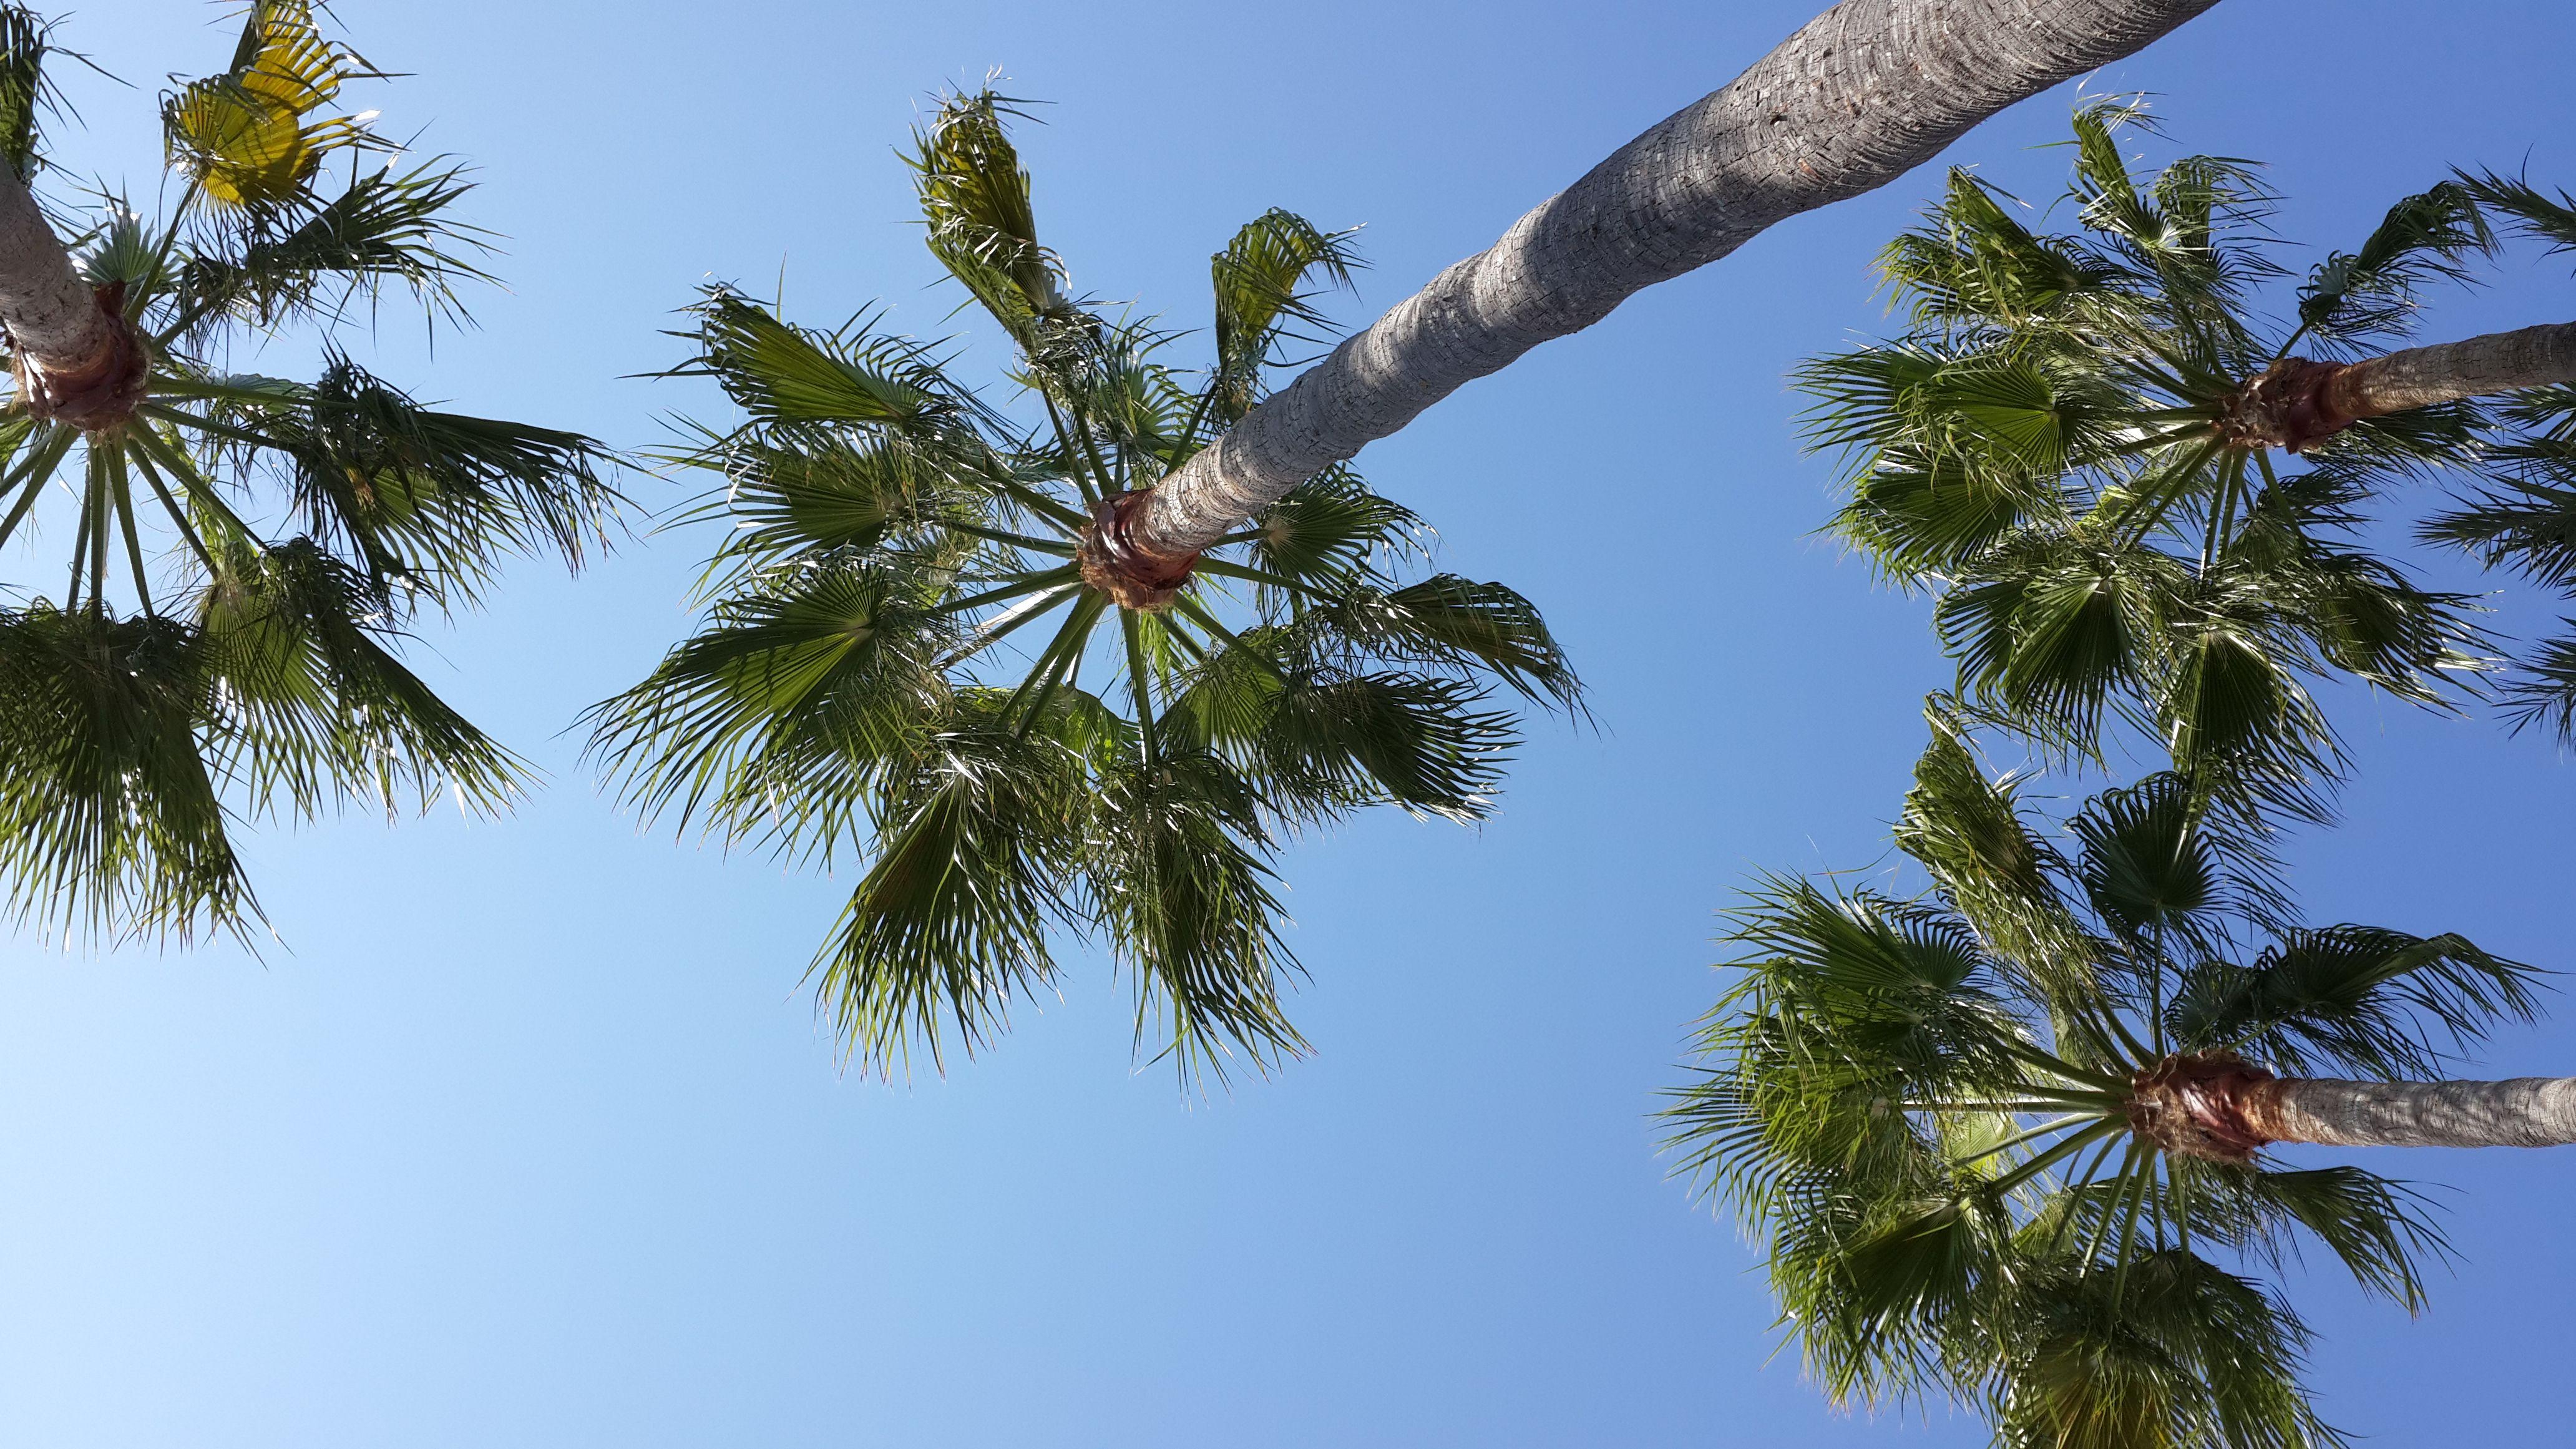 Recuerdos de verano entre palmeras....